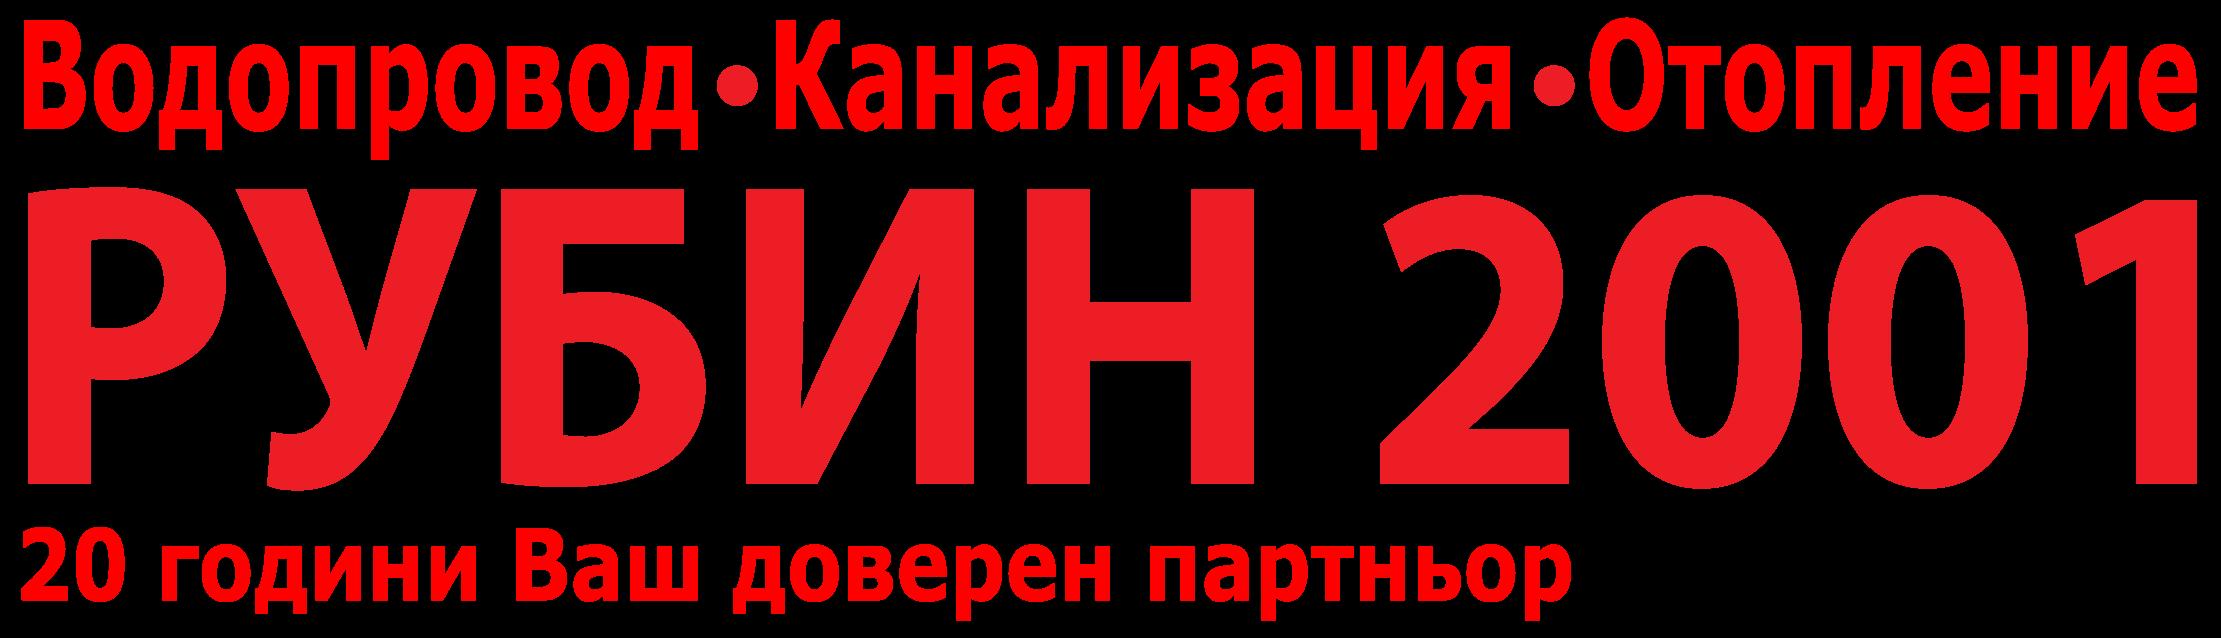 Rubin2001